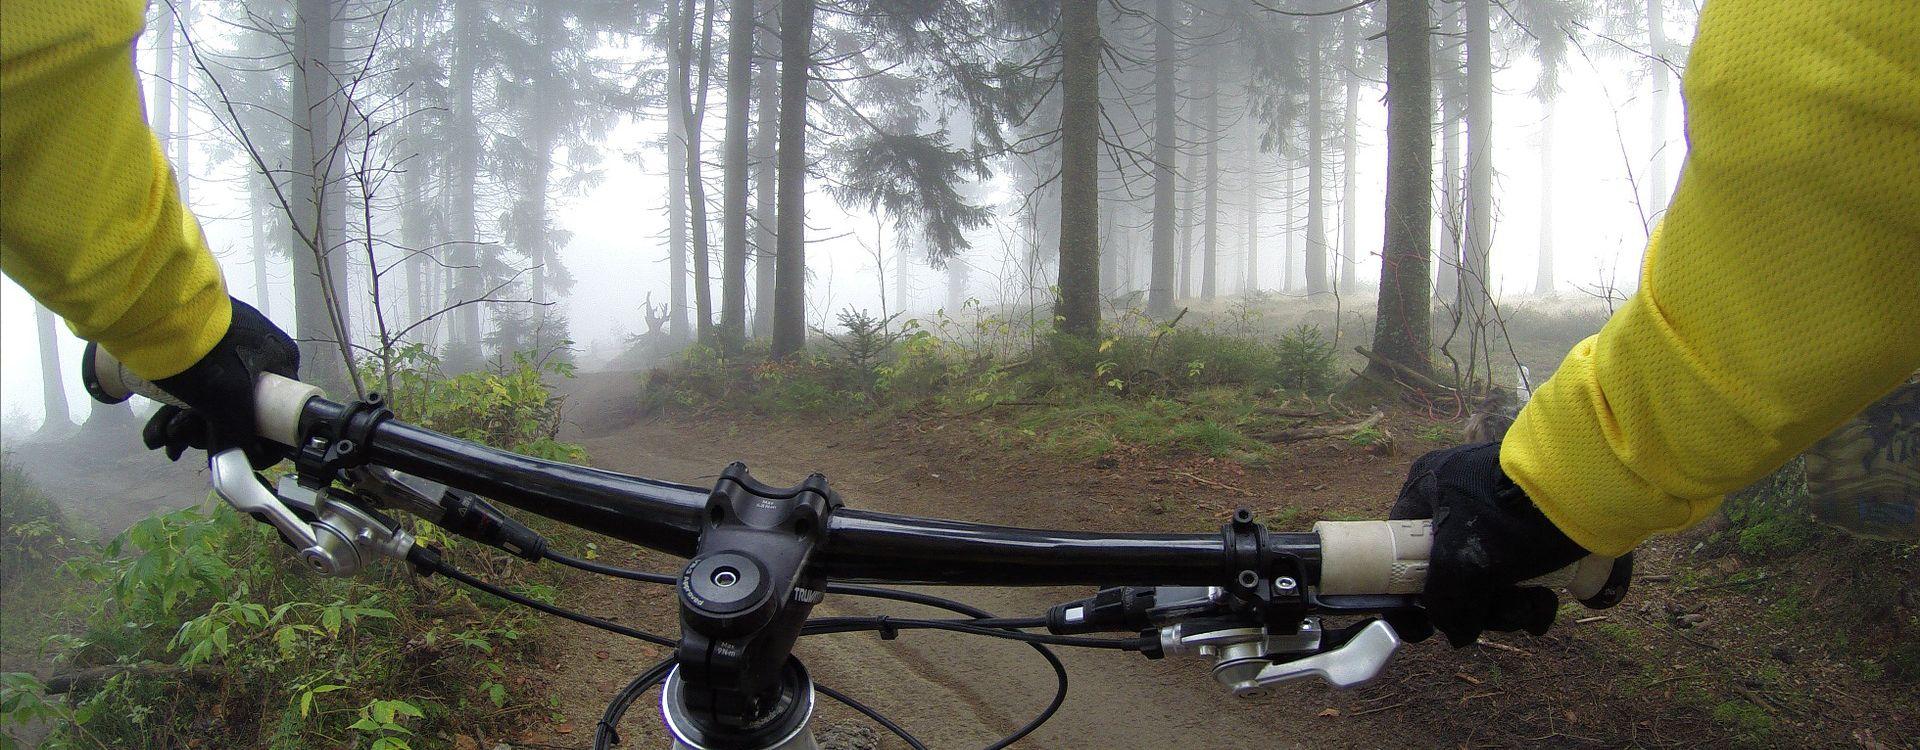 e-Bike Touren im Erzgebirge aus Sicht des Radfahrers